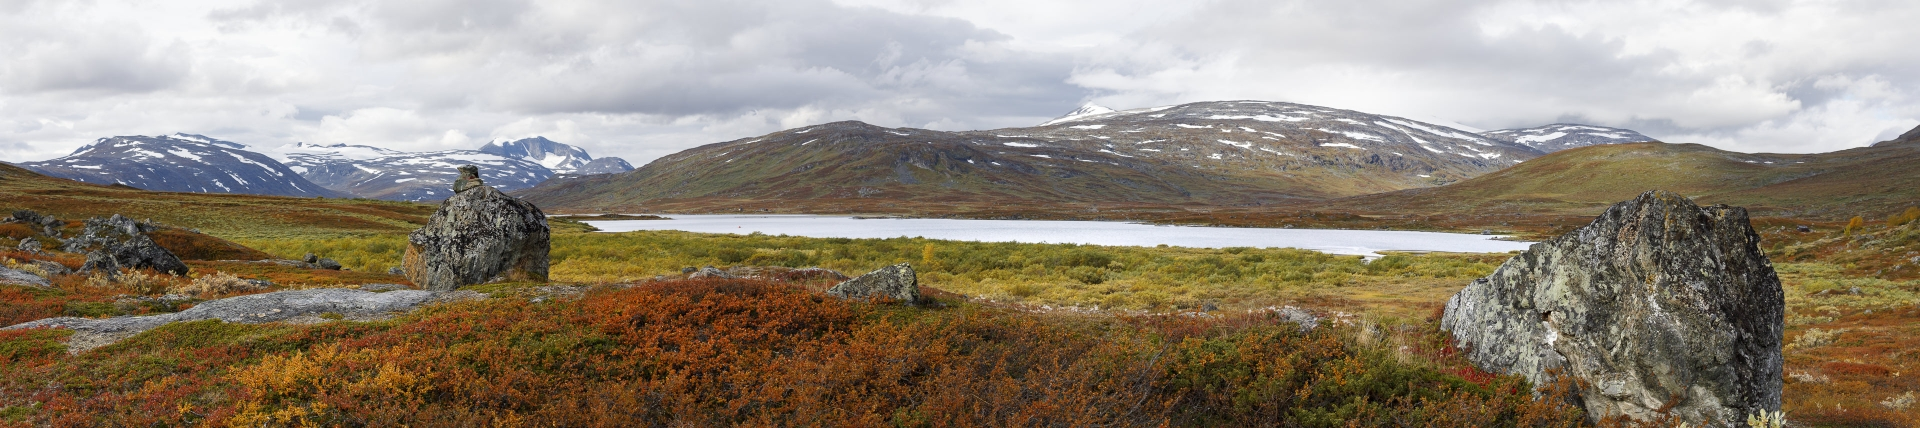 Čáihnavárri, Nuorjjovárri und das Storsteinsfjellet, davor der See Čunojávri